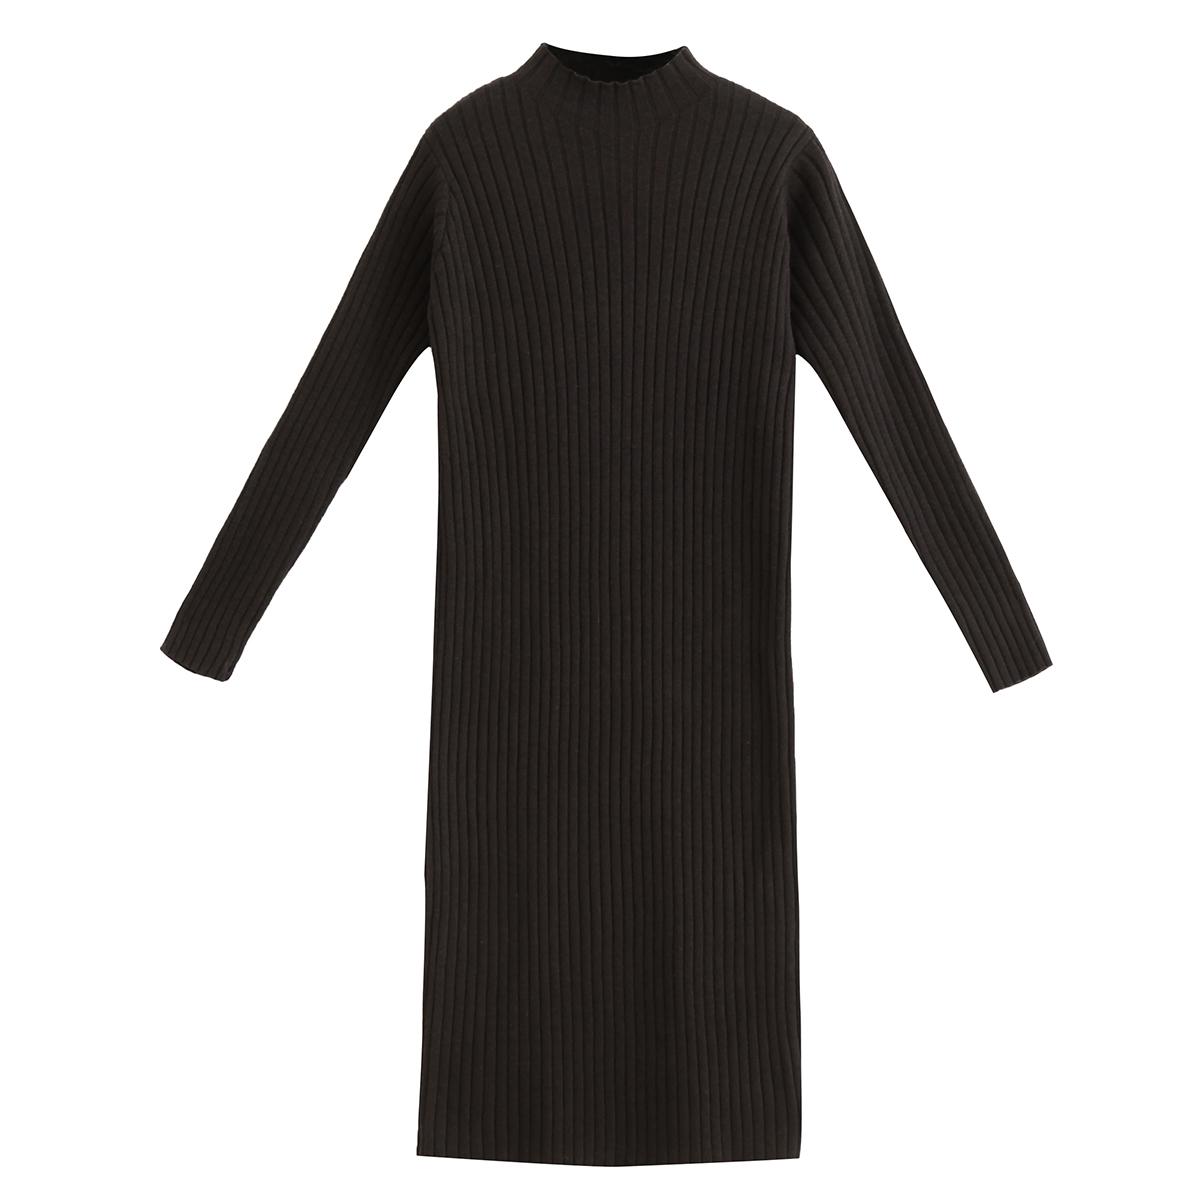 针织港味长袖连衣裙女小黑裙中长款黑色chic打底复古秋冬毛衣裙子